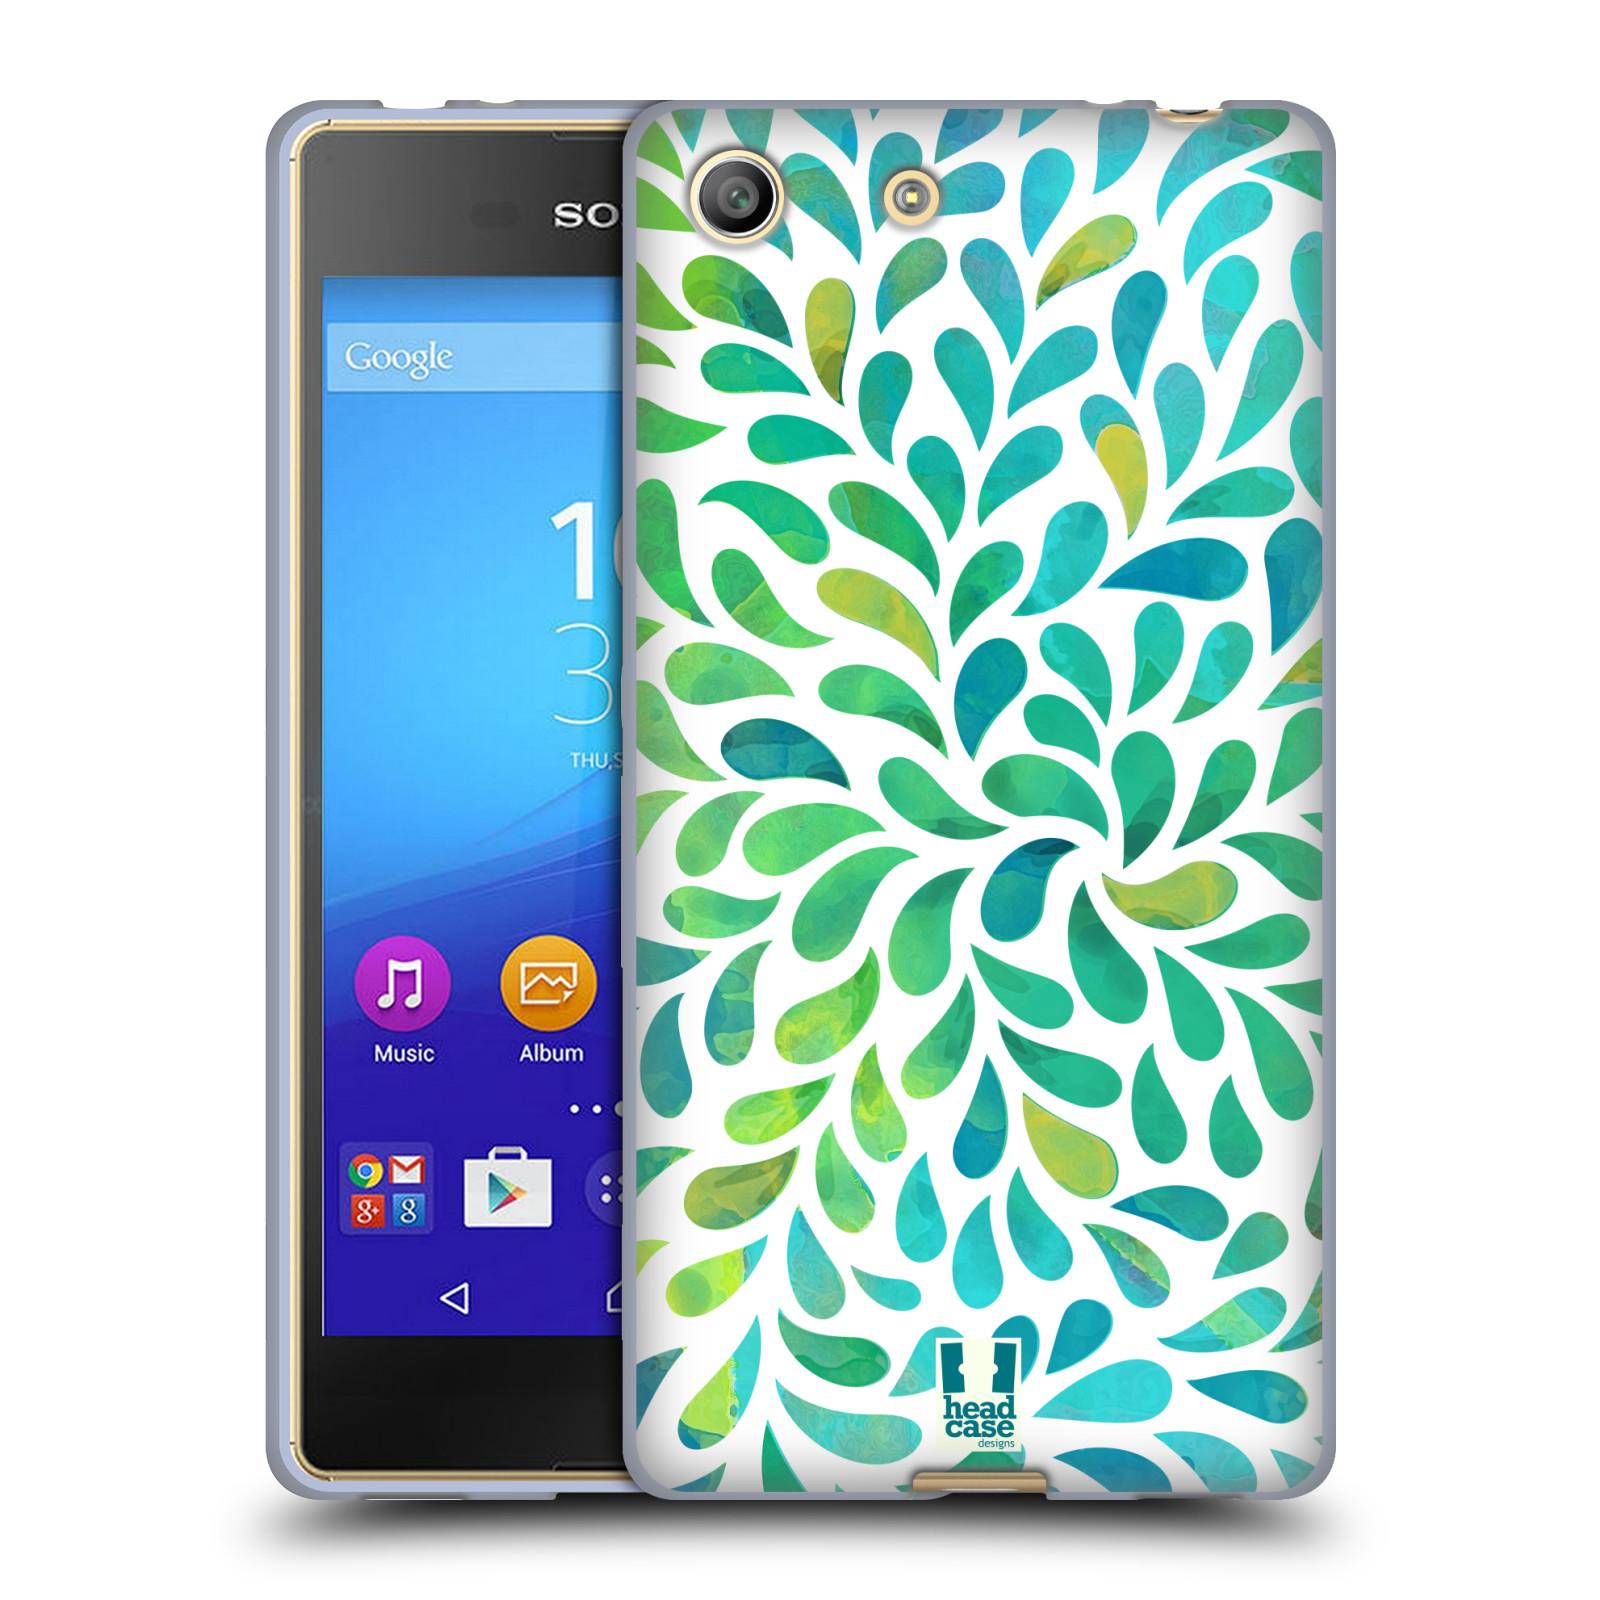 Silikonové pouzdro na mobil Sony Xperia M5 HEAD CASE Droplet Wave Kapičky (Silikonový kryt či obal na mobilní telefon Sony Xperia M5 Dual SIM / Aqua)